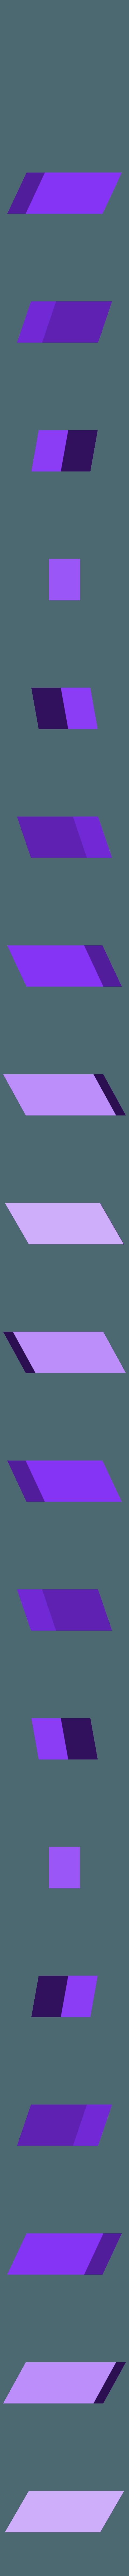 Part.stl Télécharger fichier STL gratuit Puzzle hexagonal • Modèle pour imprimante 3D, mtairymd